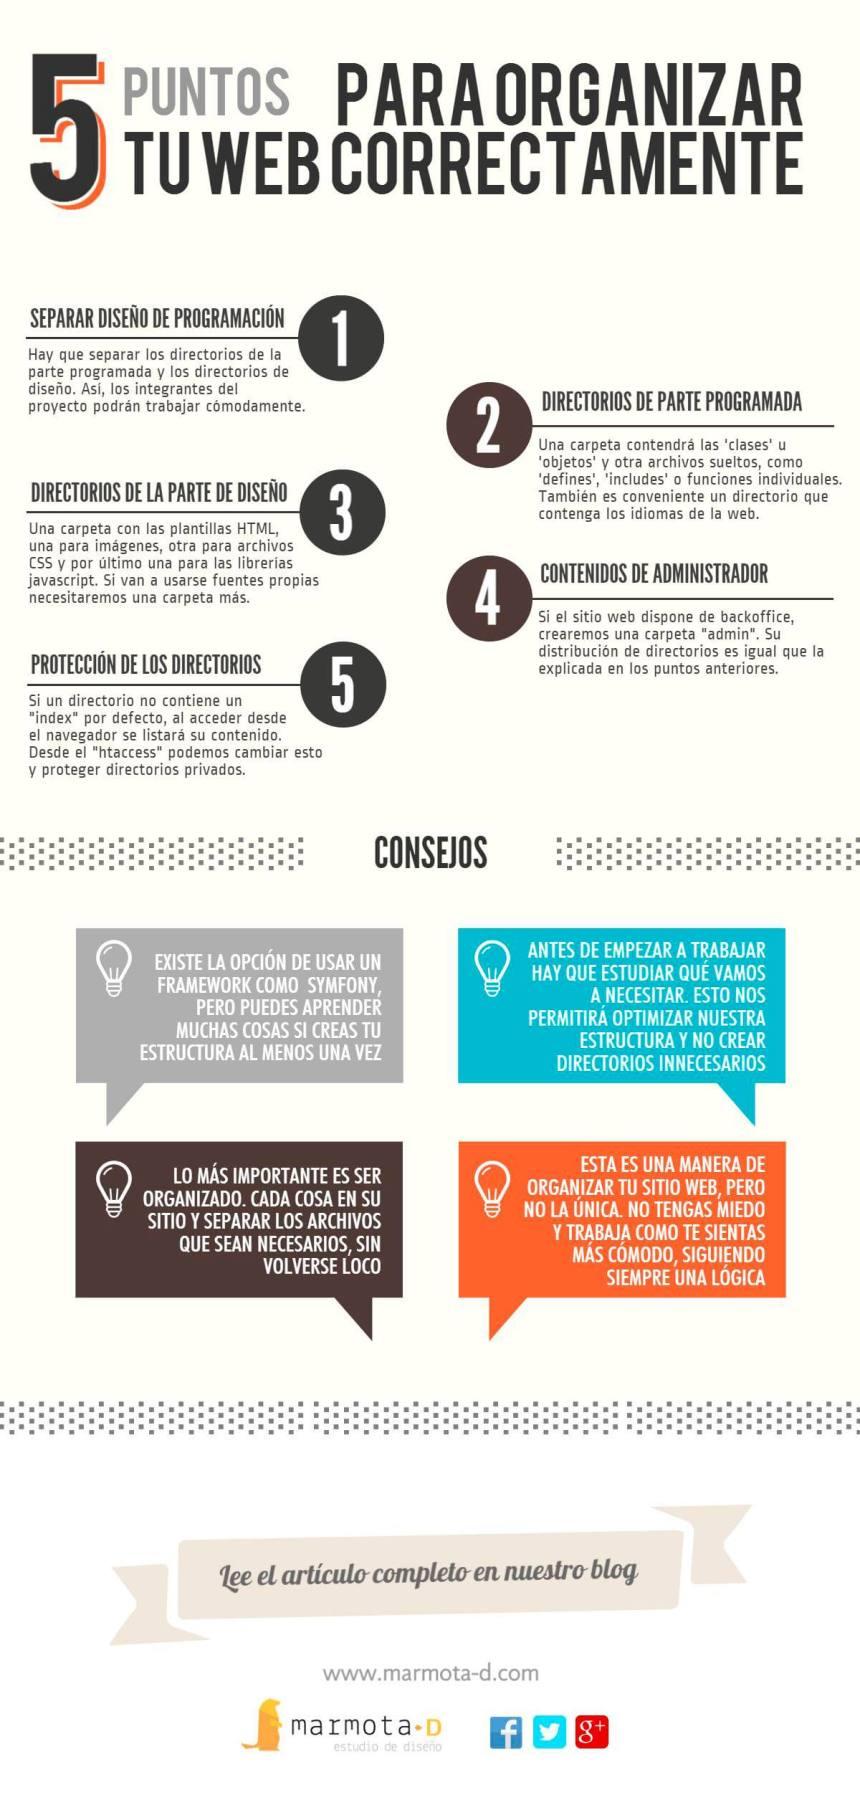 5 puntos para organizar tu web correctamente